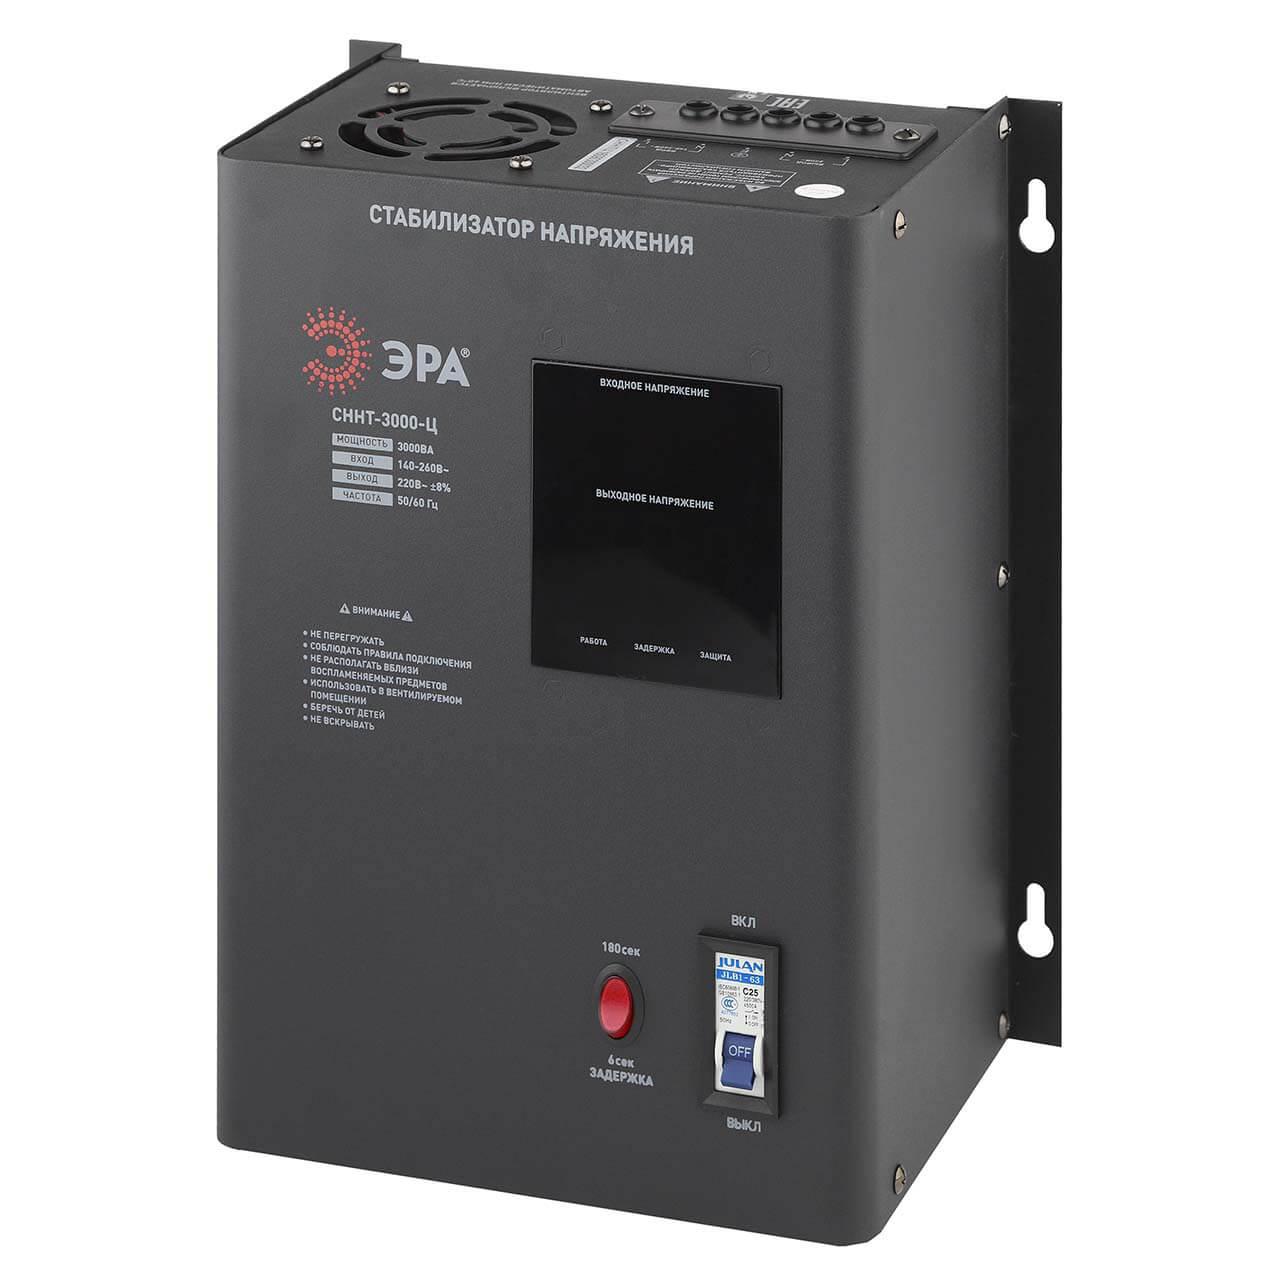 Стабилизатор напряжения ЭРА СННТ-3000-Ц стабилизатор напряжения эра sta 3000